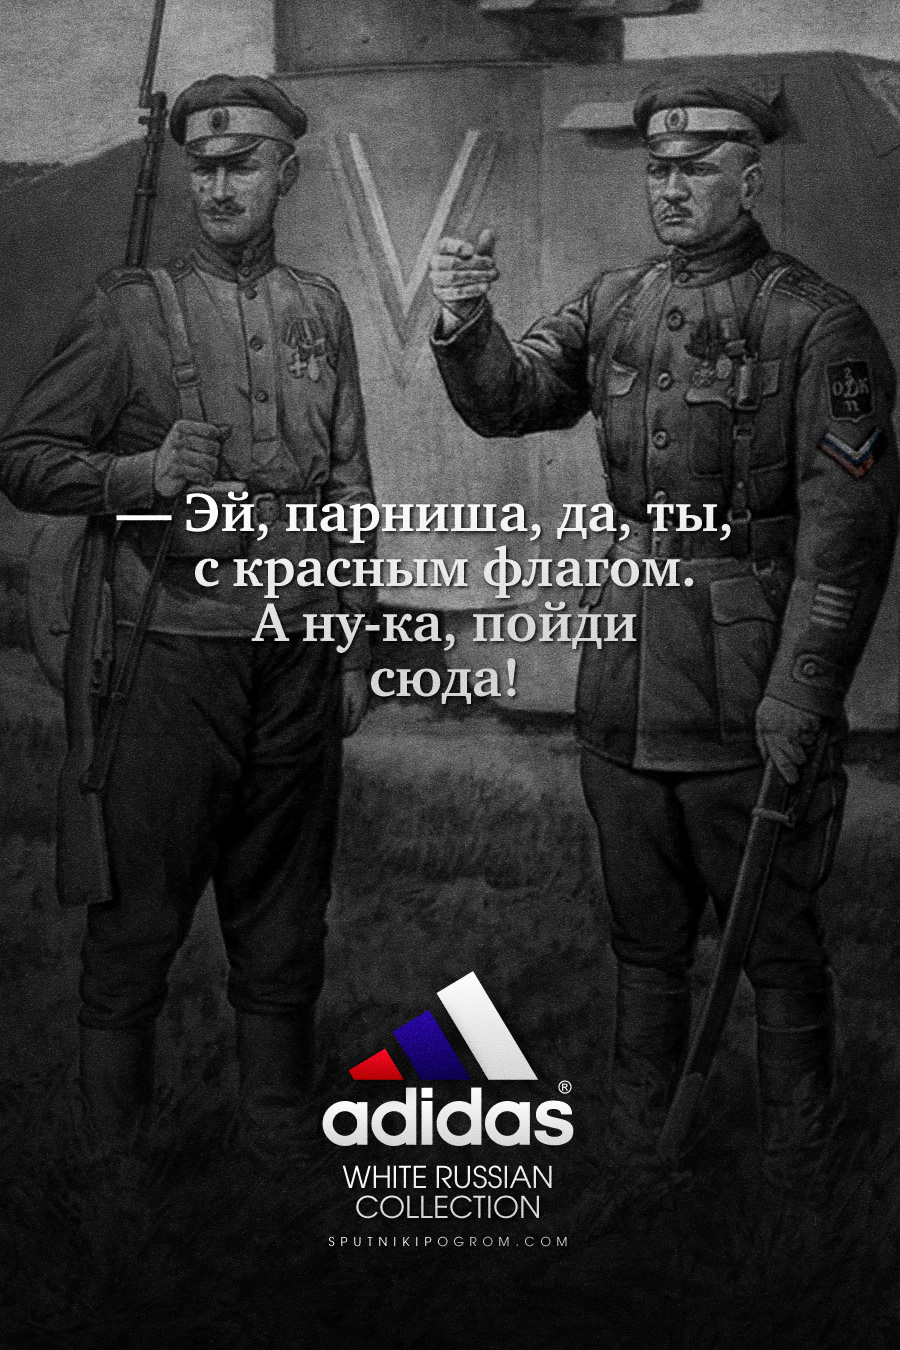 Как разговаривать со сталинистами: FAQ